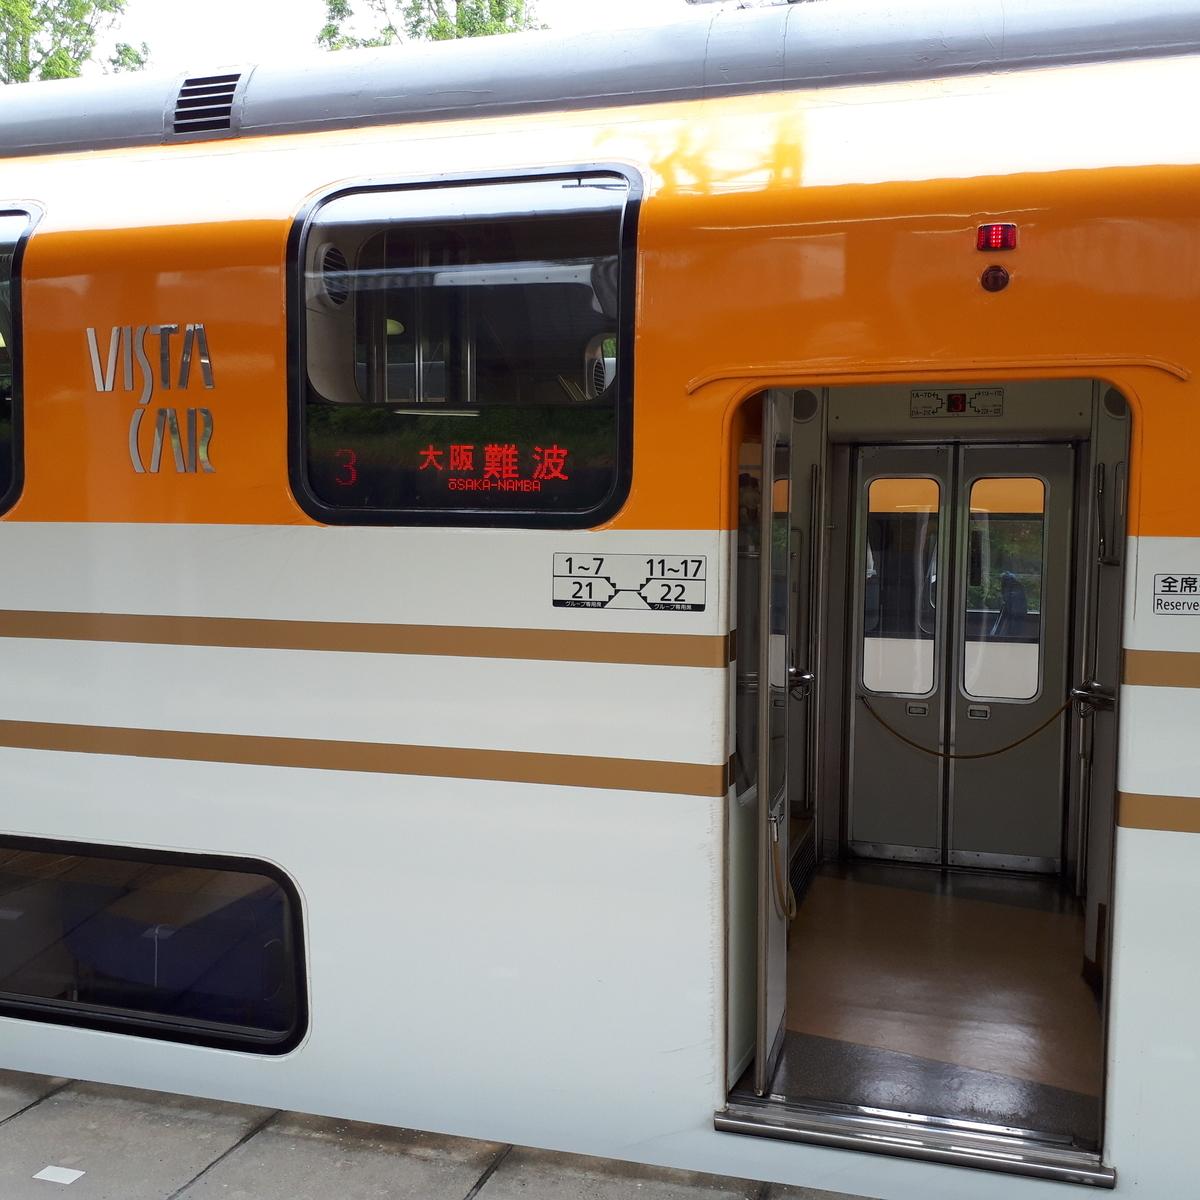 近鉄 ビスタカー 30000系 2階建て車両 入り口